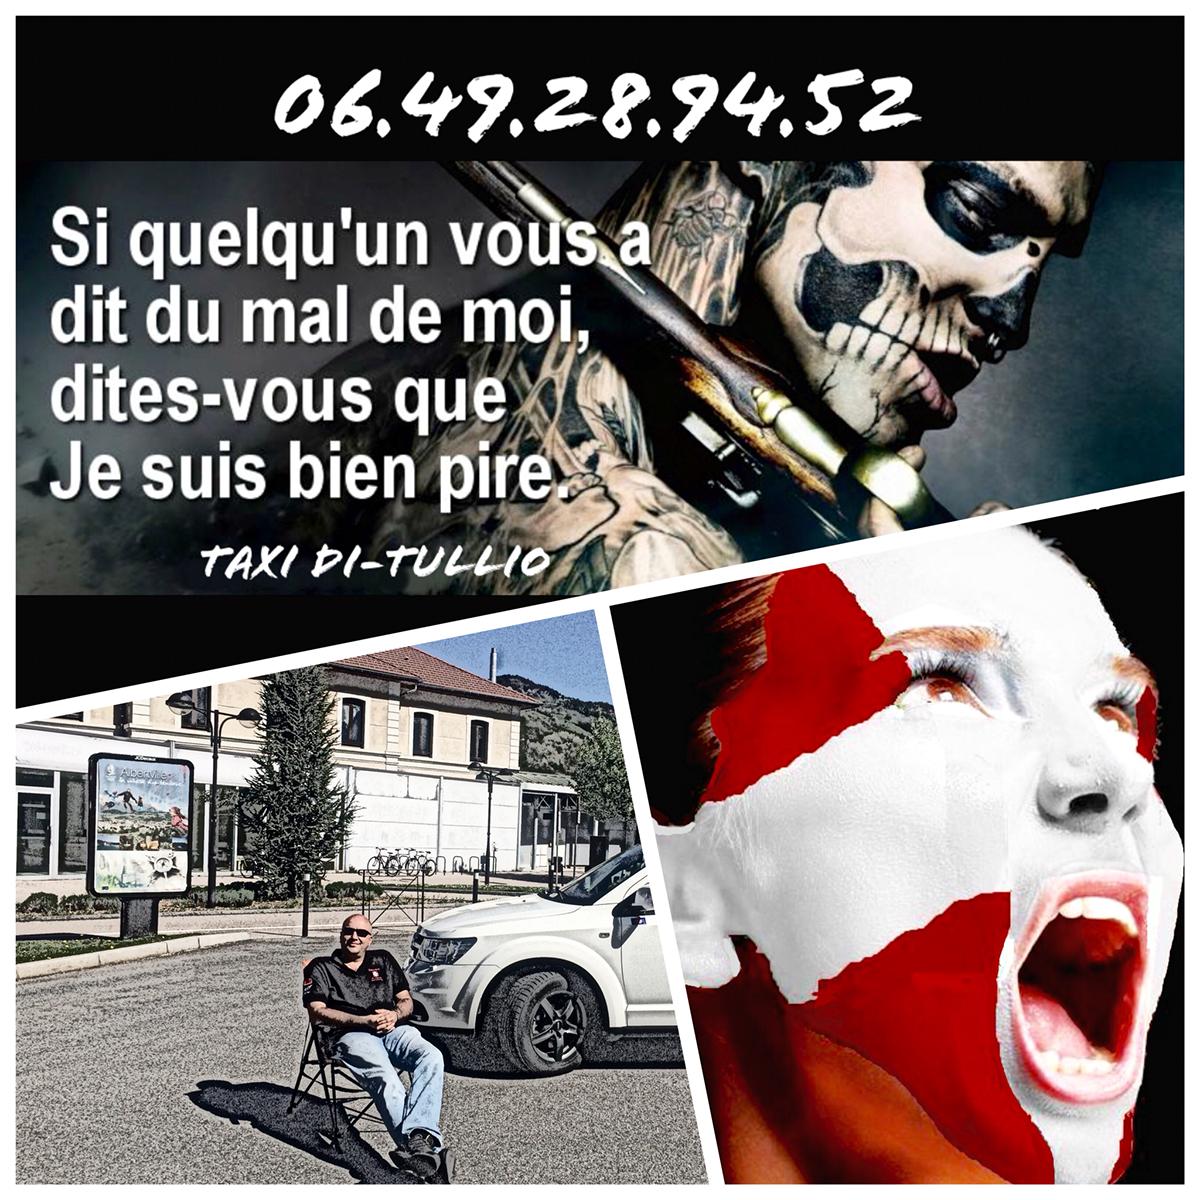 Taxi Les Saisies taxi Hauteluce taxi Tournon taxi albertville taxi France taxi Di Tullio